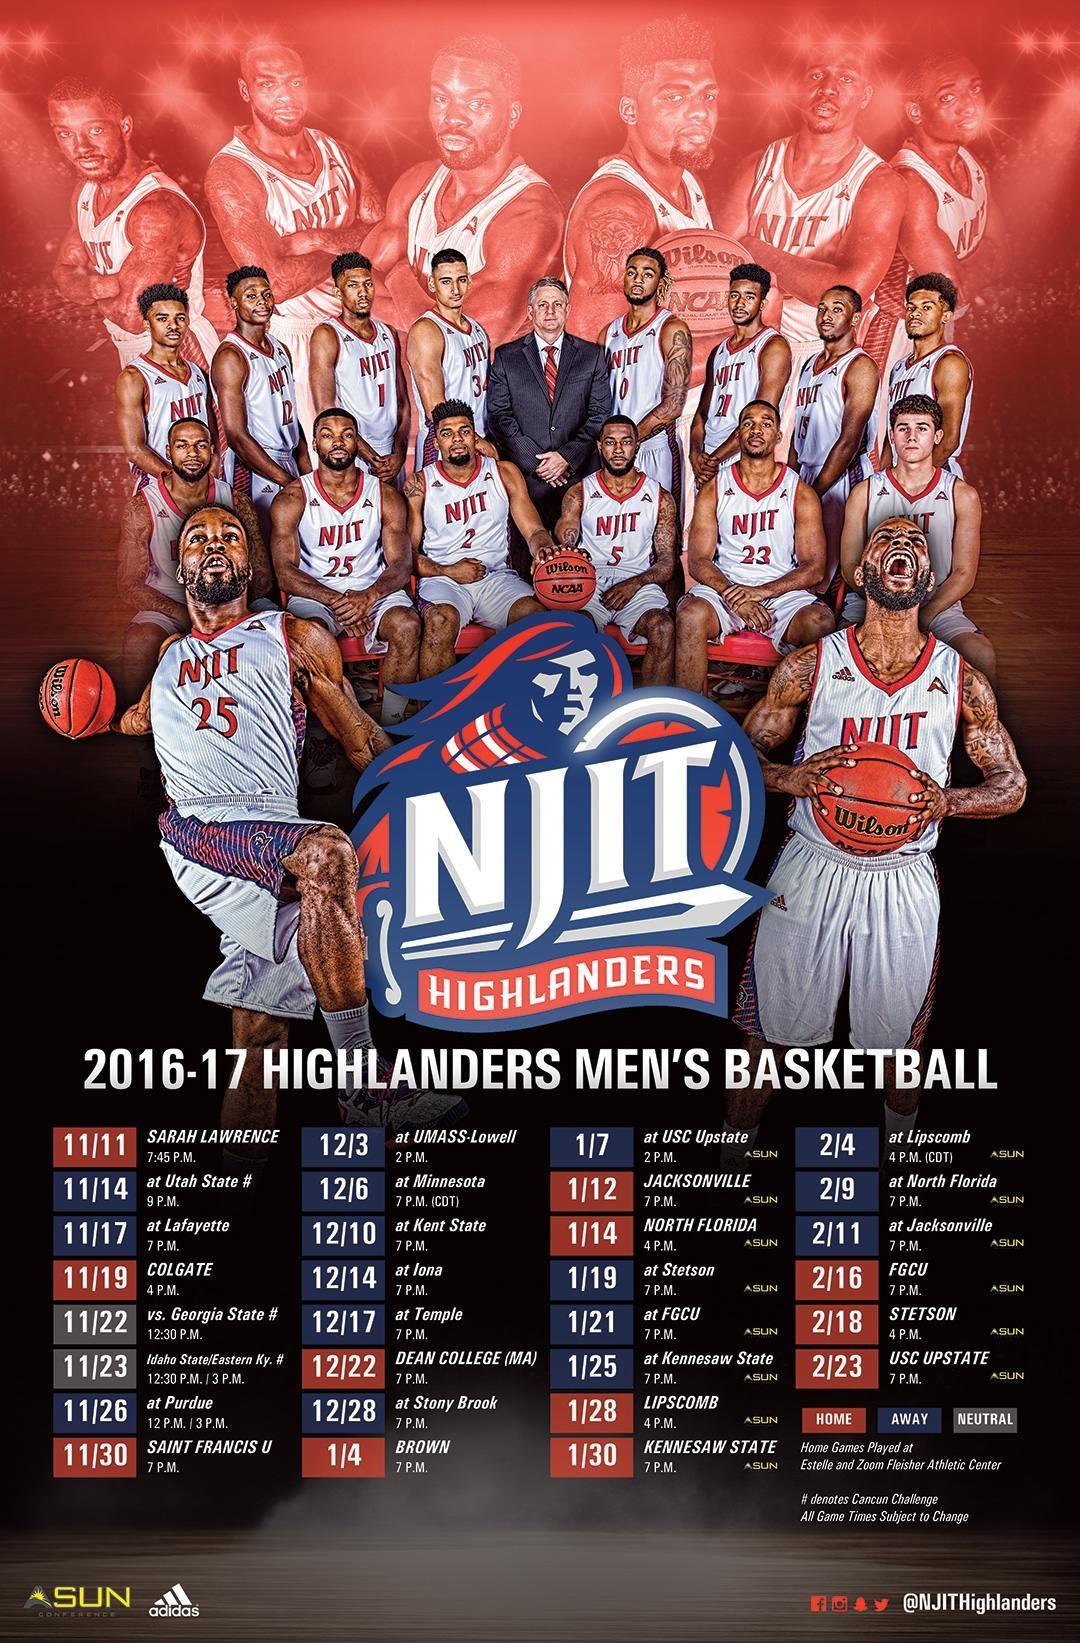 Posterswag Com Top 50 Men S College Basketball Posters Of 2016 17 Poster Swag In 2020 Basketball Posters College Basketball Highlander Men